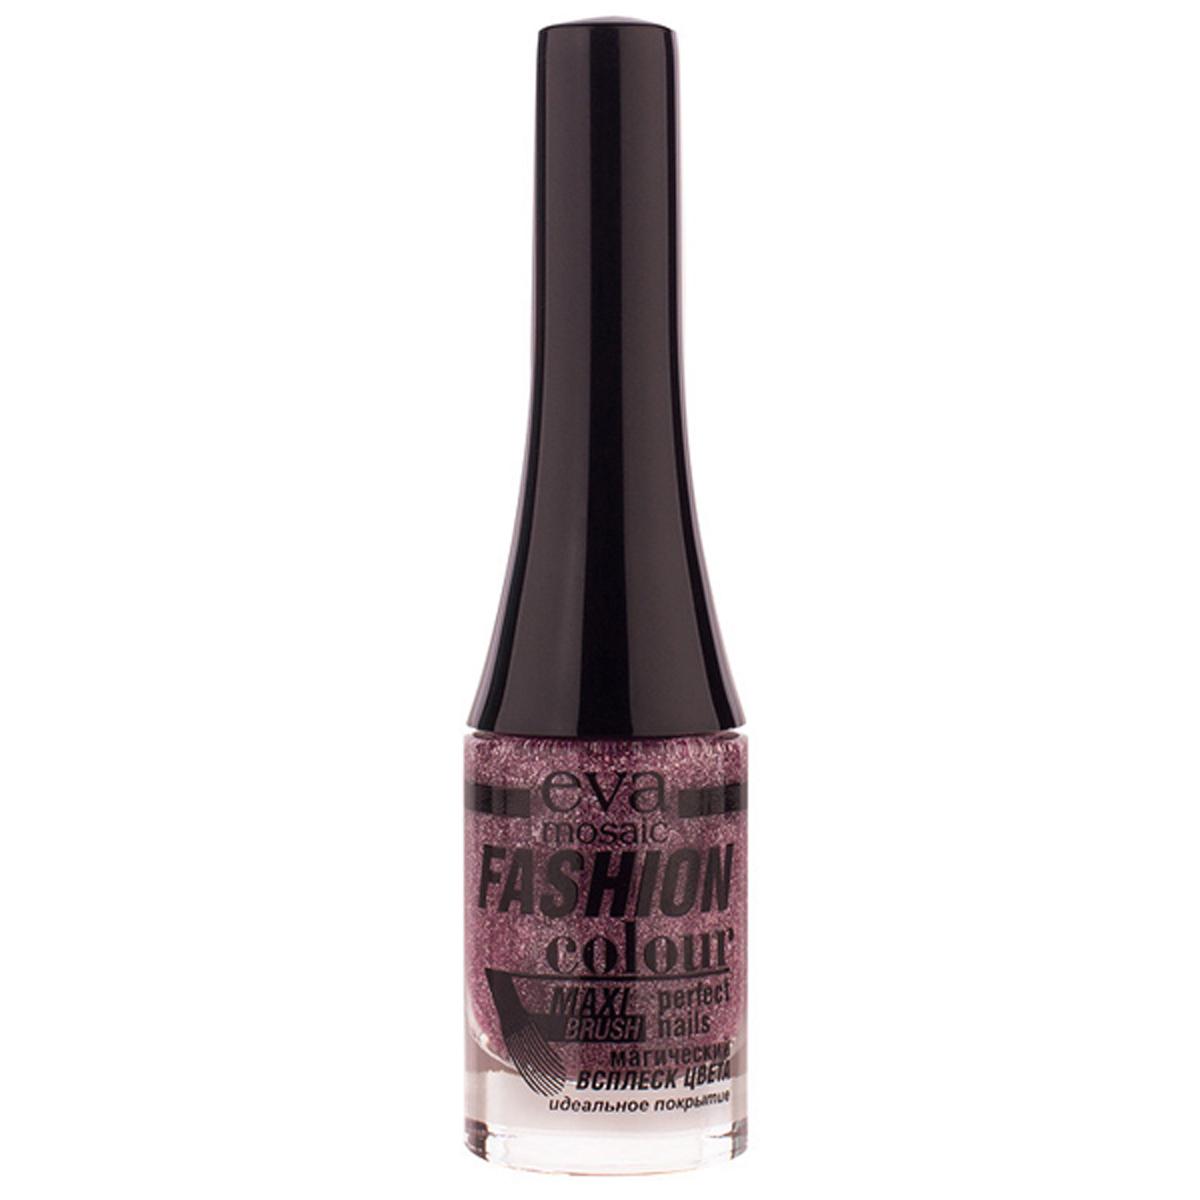 Eva Mosaic Лак для ногтей Fashion Colour, 6 мл, 062 Розовая Радуга685400Стойкие лаки для ногтей в экономичной упаковке небольшого объема - лак не успеет надоесть или загустеть! Огромный спектр оттенков - от сдержанной классики до самых смелых современных тенденций. - легко наносятся и быстро сохнут - обладают высокой стойкостью и зеркальным блеском - эргономичная плоская кисть для быстрого, аккуратного и точного нанесения.